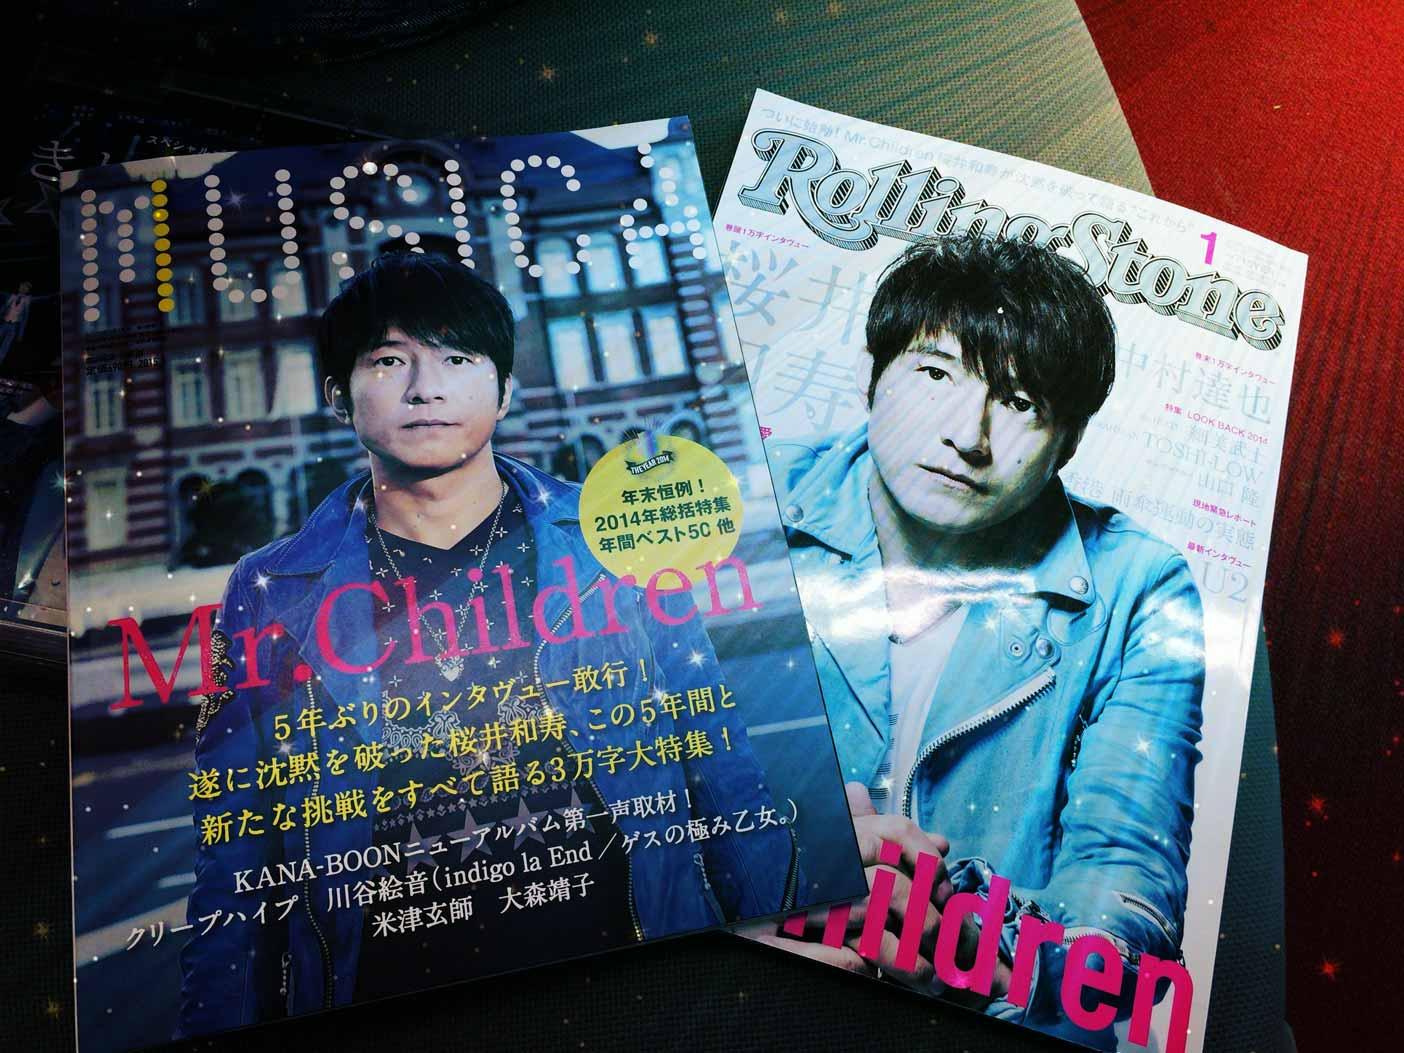 桜井和寿表紙のMUSICA、Rolling Stones